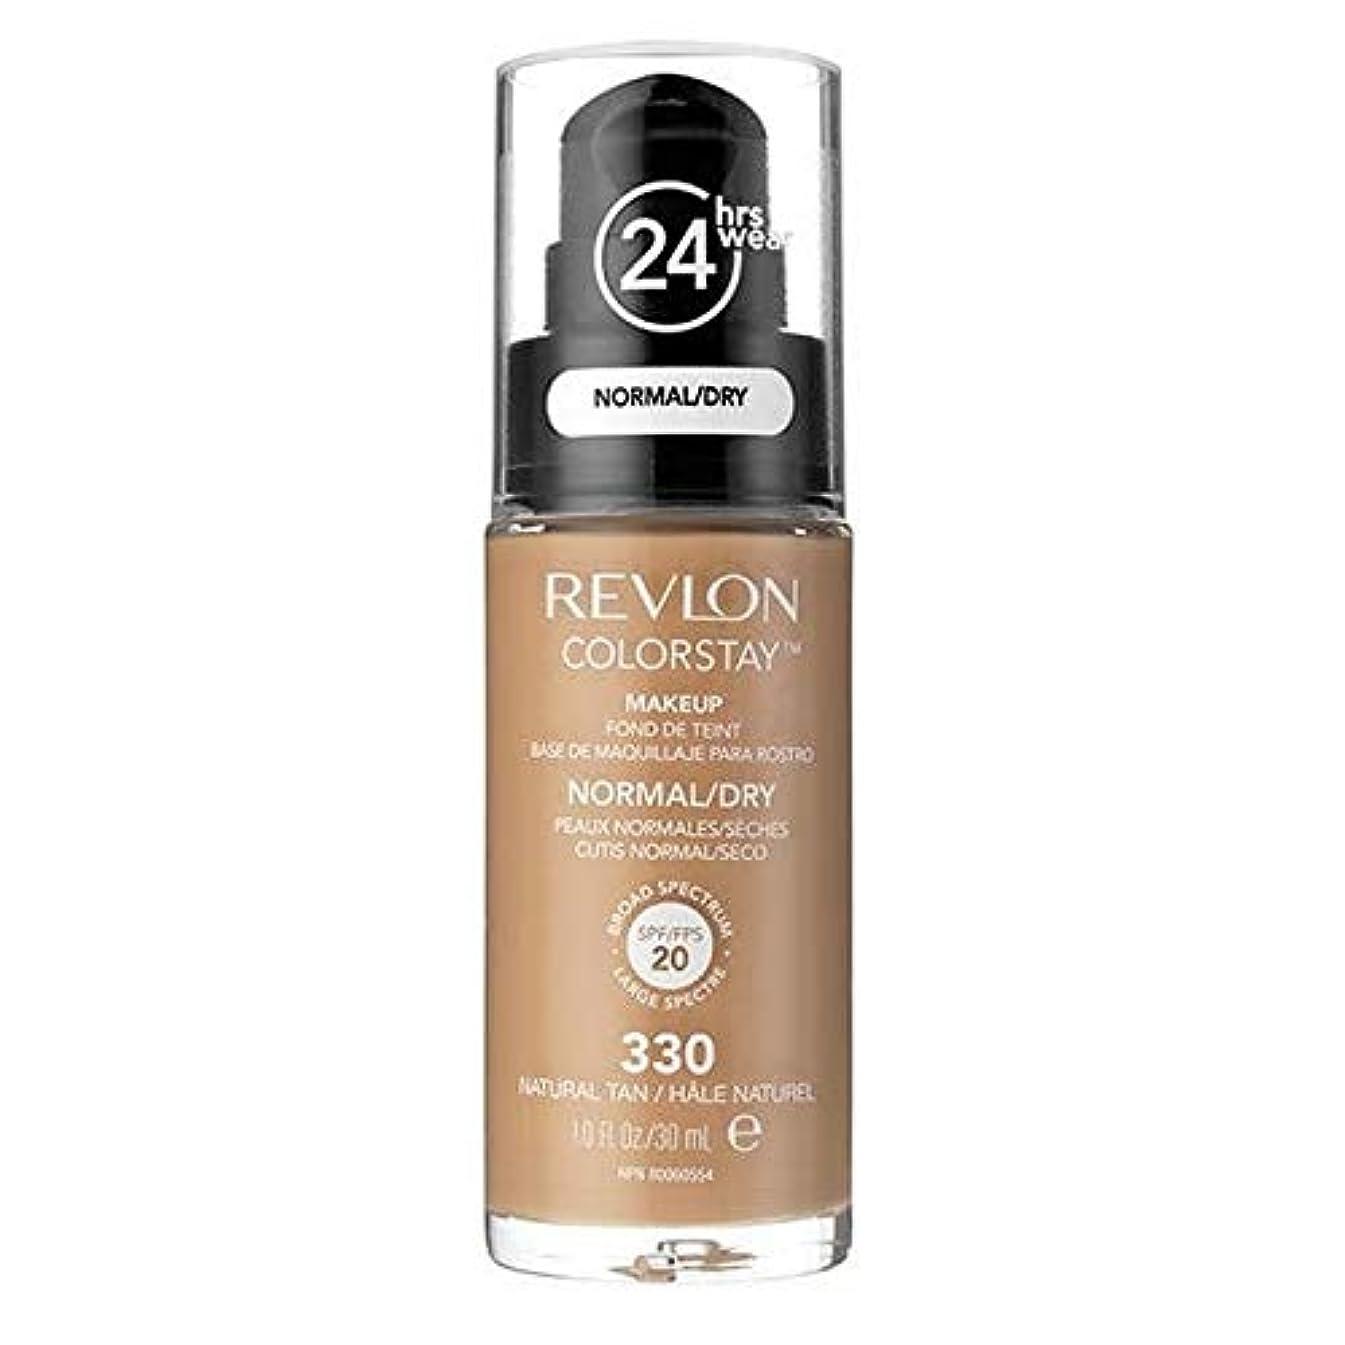 改修聖職者収縮[Revlon ] レブロンカラーステイ基盤ノルム/ドライNat日焼け30ミリリットル - Revlon Color Stay Foundation Norm/Dry Nat Tan 30ml [並行輸入品]